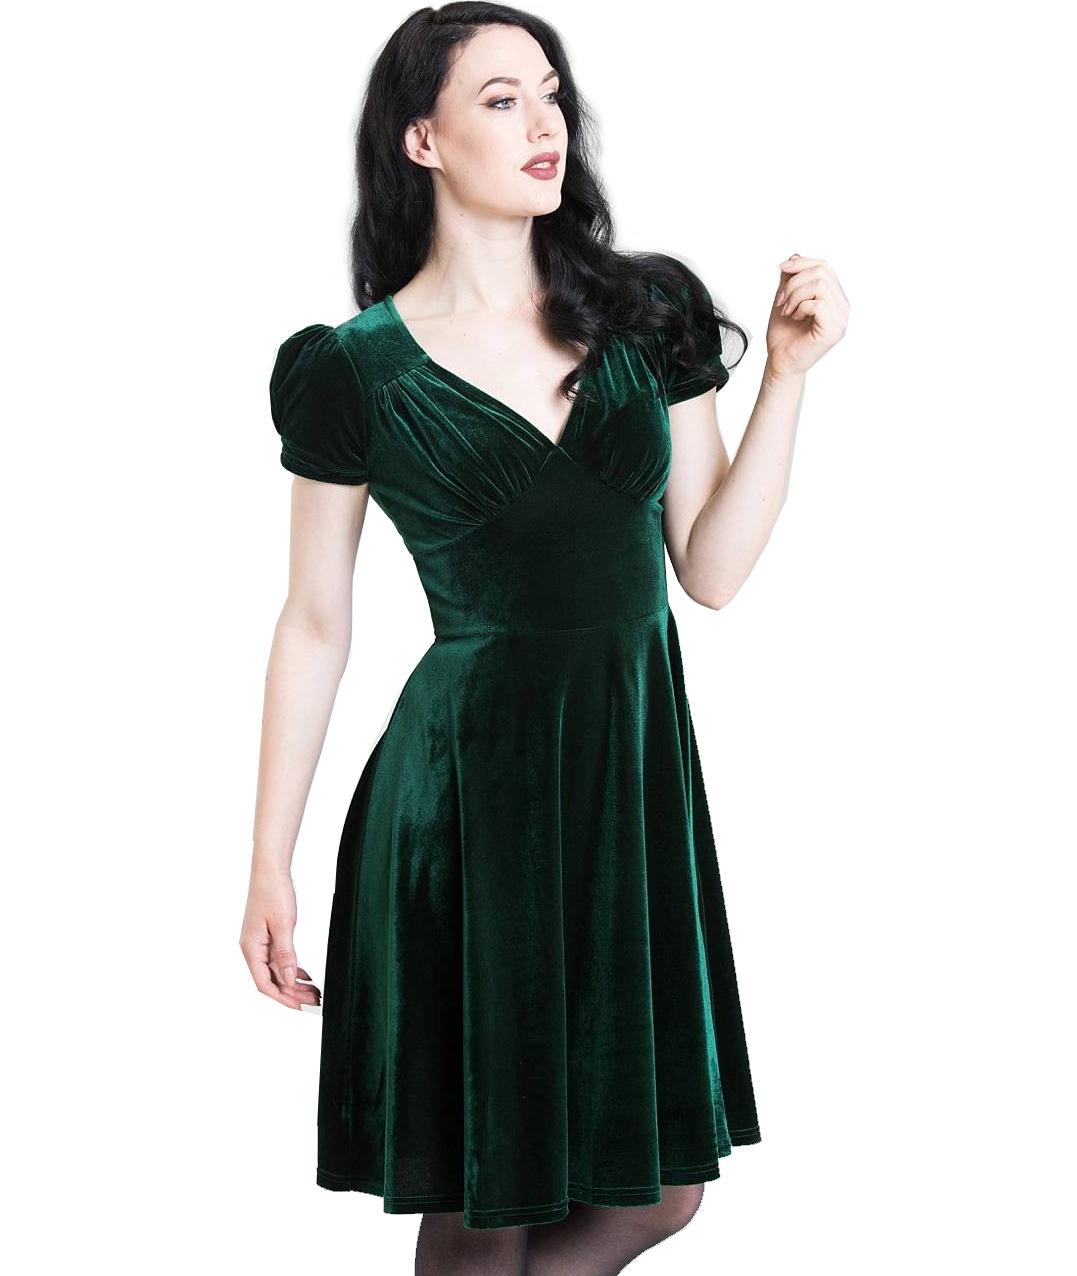 Hell-Bunny-40s-50s-Elegant-Pin-Up-Dress-JOANNE-Crushed-Velvet-Green-All-Sizes thumbnail 21